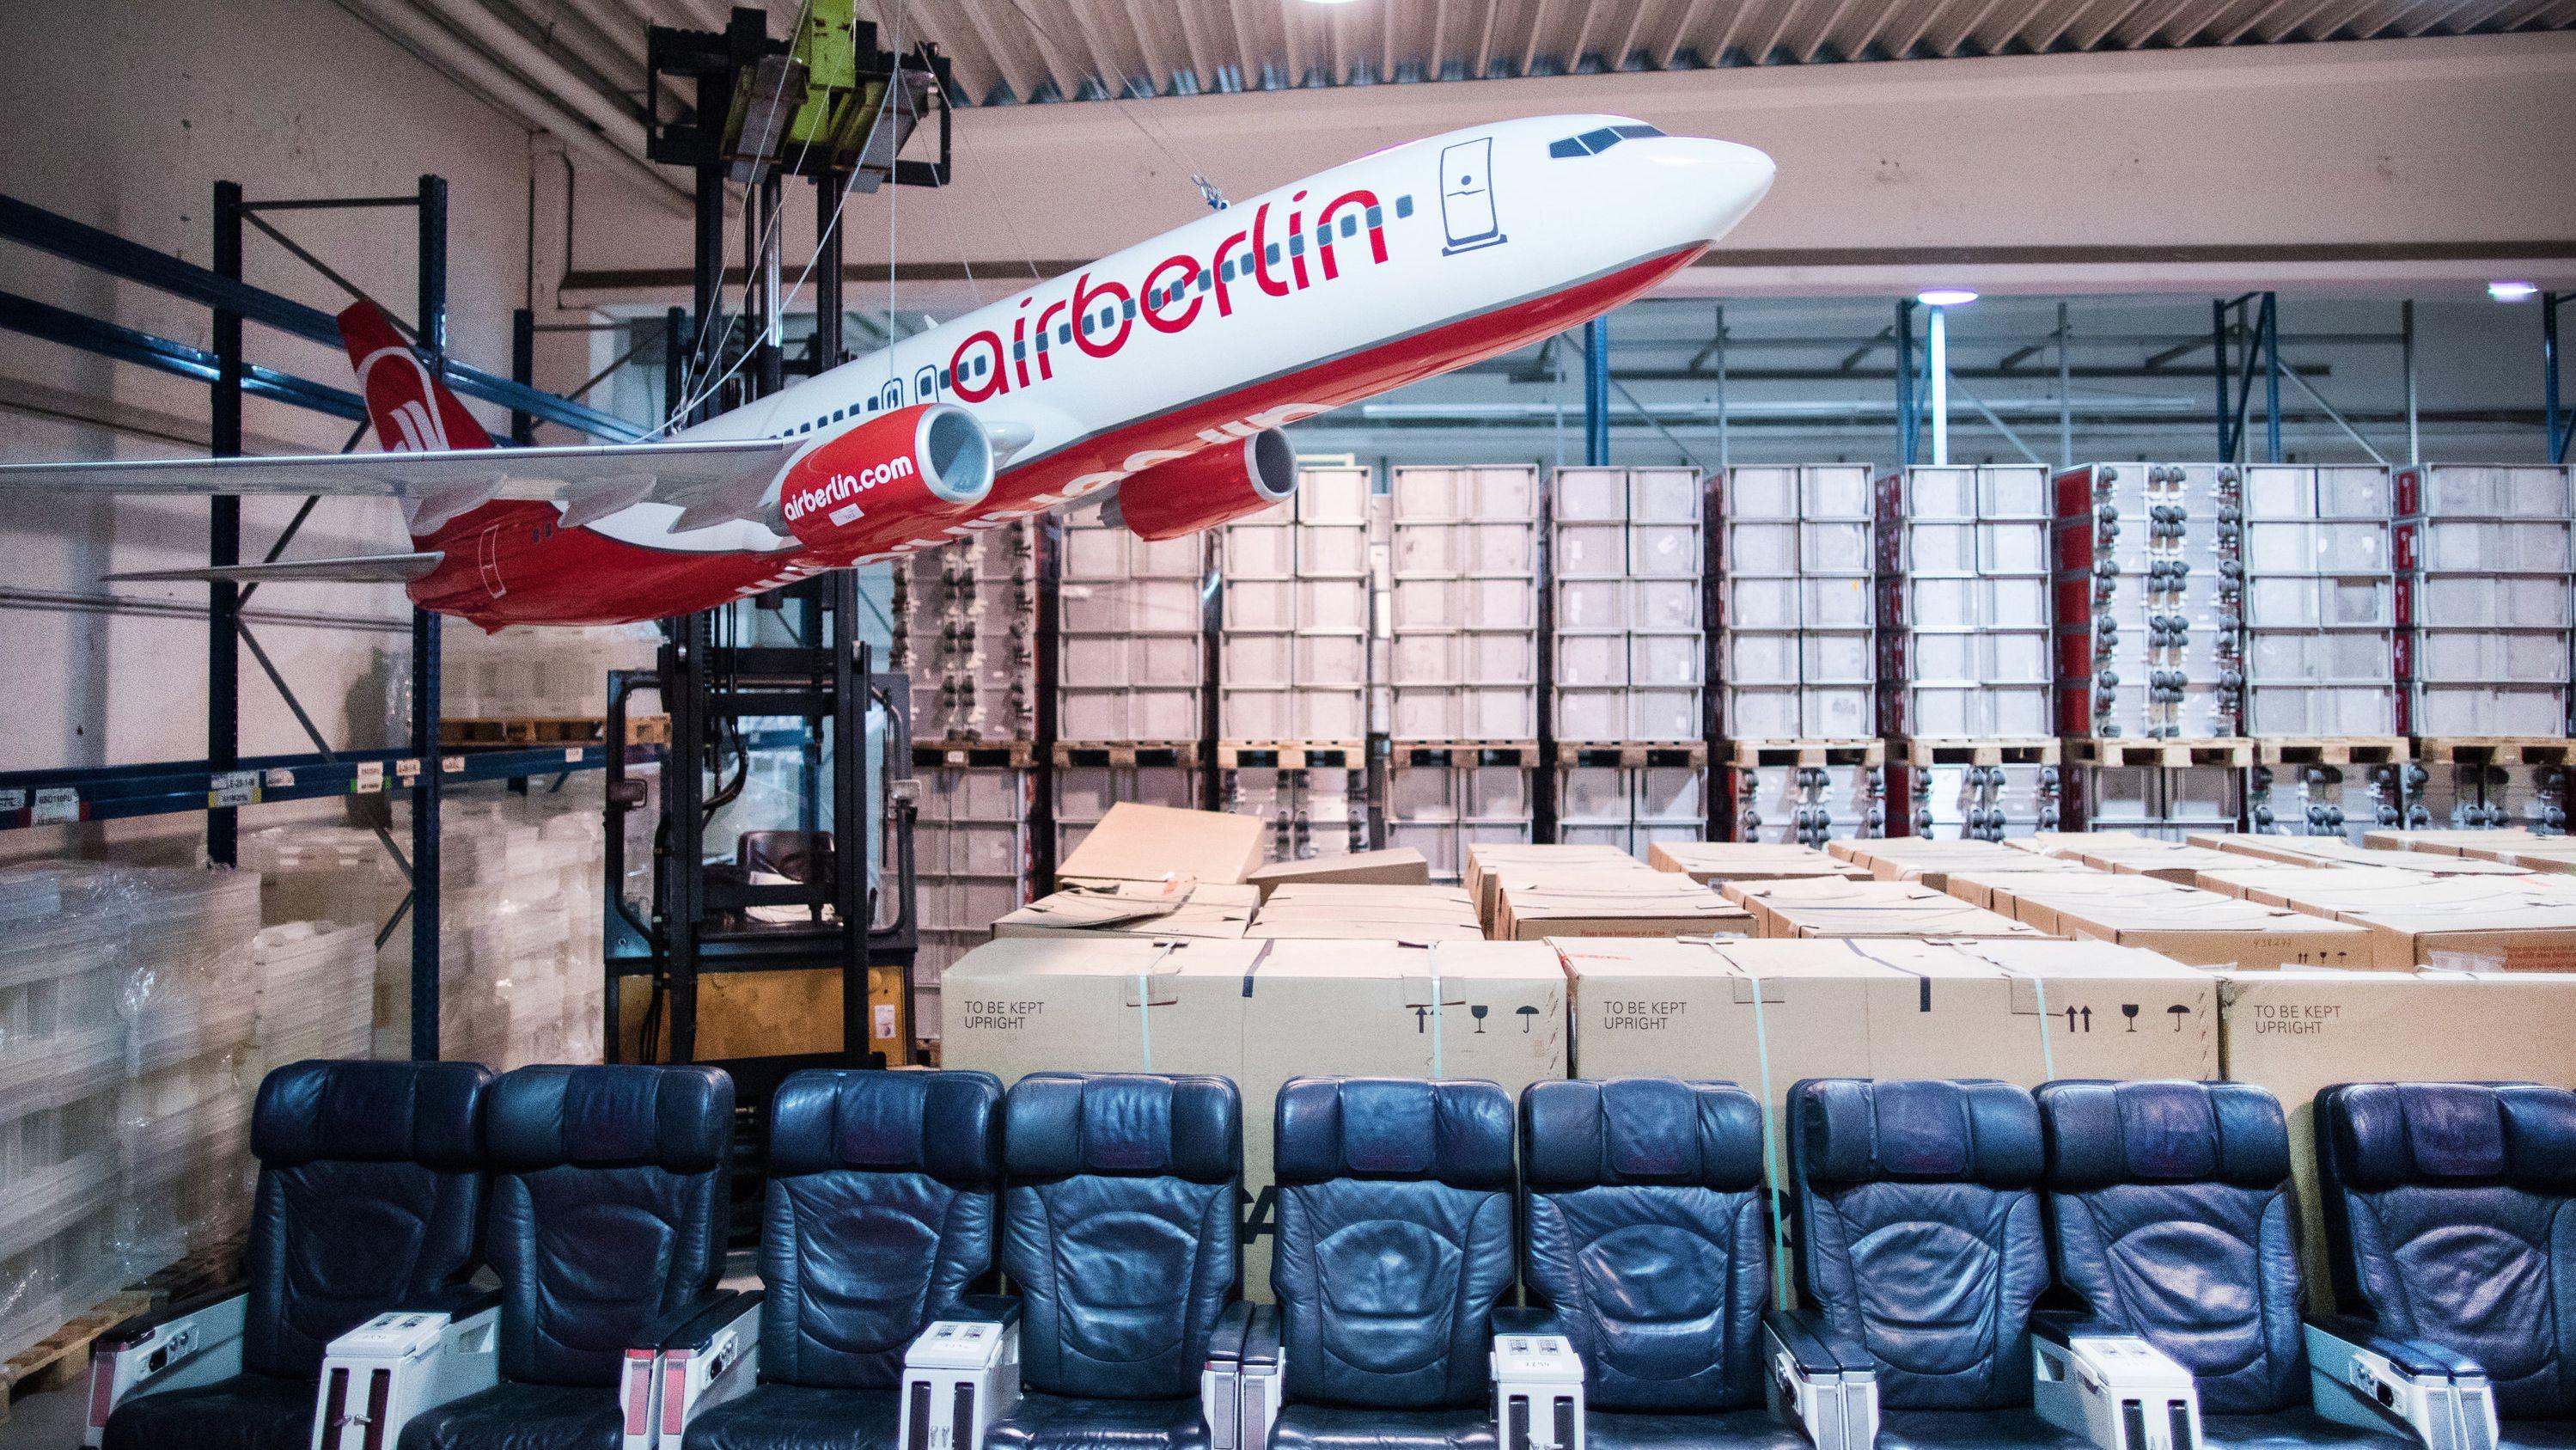 Ein großes Modell eines Air Berlin-Flugzeuges ist in einer Lagerhalle präsentiert. Darunter sind Sessel aus Flugzeugen nebeneinander gereiht.